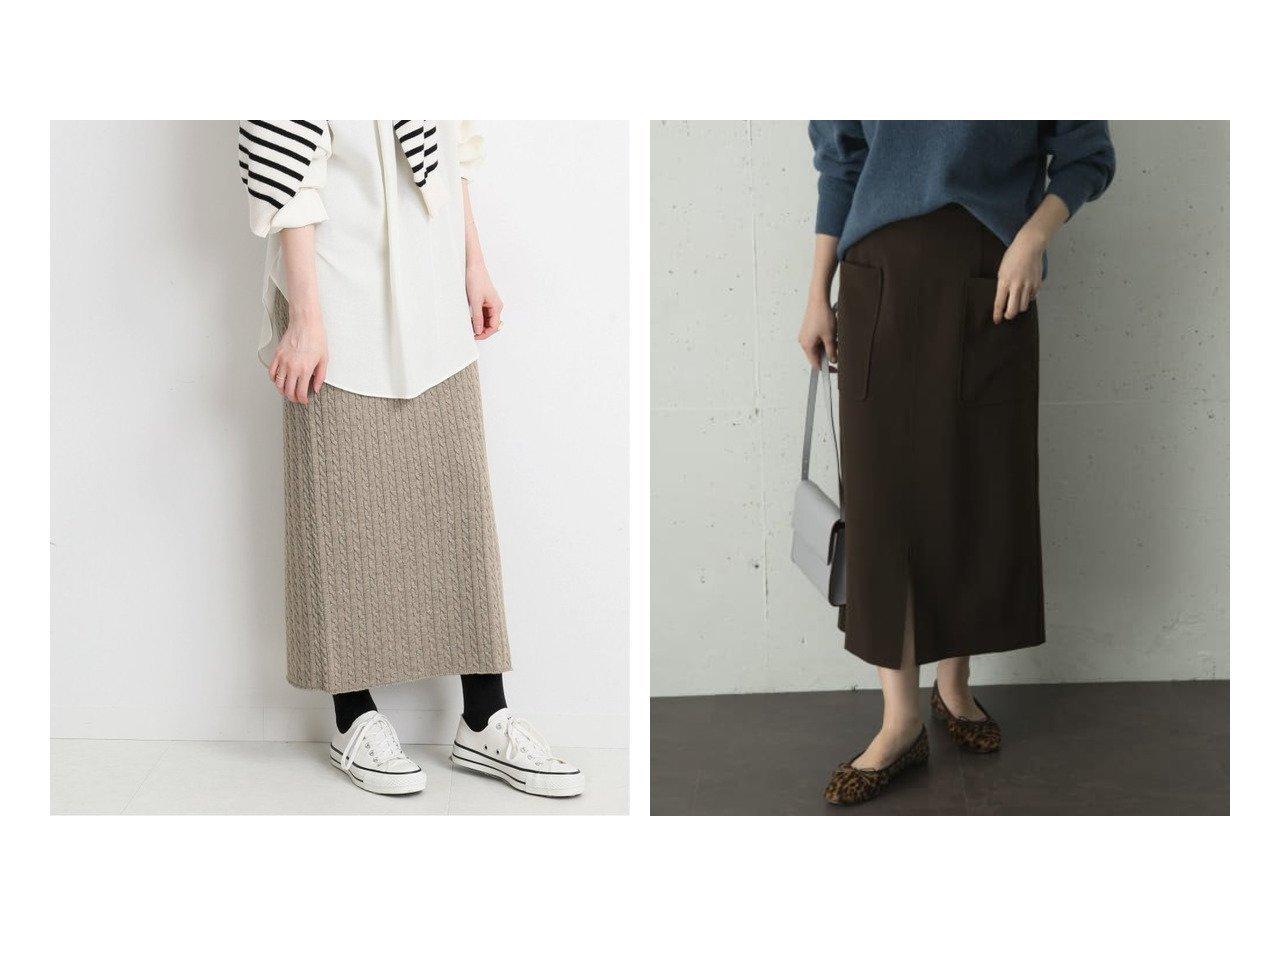 【URBAN RESEARCH ROSSO/アーバンリサーチ ロッソ】のポケットタイトスカート&【IENA/イエナ】のウォッシャブルウールコットン ケーブルスカート スカートのおすすめ!人気、レディースファッションの通販 おすすめで人気のファッション通販商品 インテリア・家具・キッズファッション・メンズファッション・レディースファッション・服の通販 founy(ファニー) https://founy.com/ ファッション Fashion レディース WOMEN スカート Skirt 秋冬 A/W Autumn/ Winter ウォッシャブル ストレート カットソー スタンダード ストレッチ ダブル フロント ポケット |ID:crp329100000003022